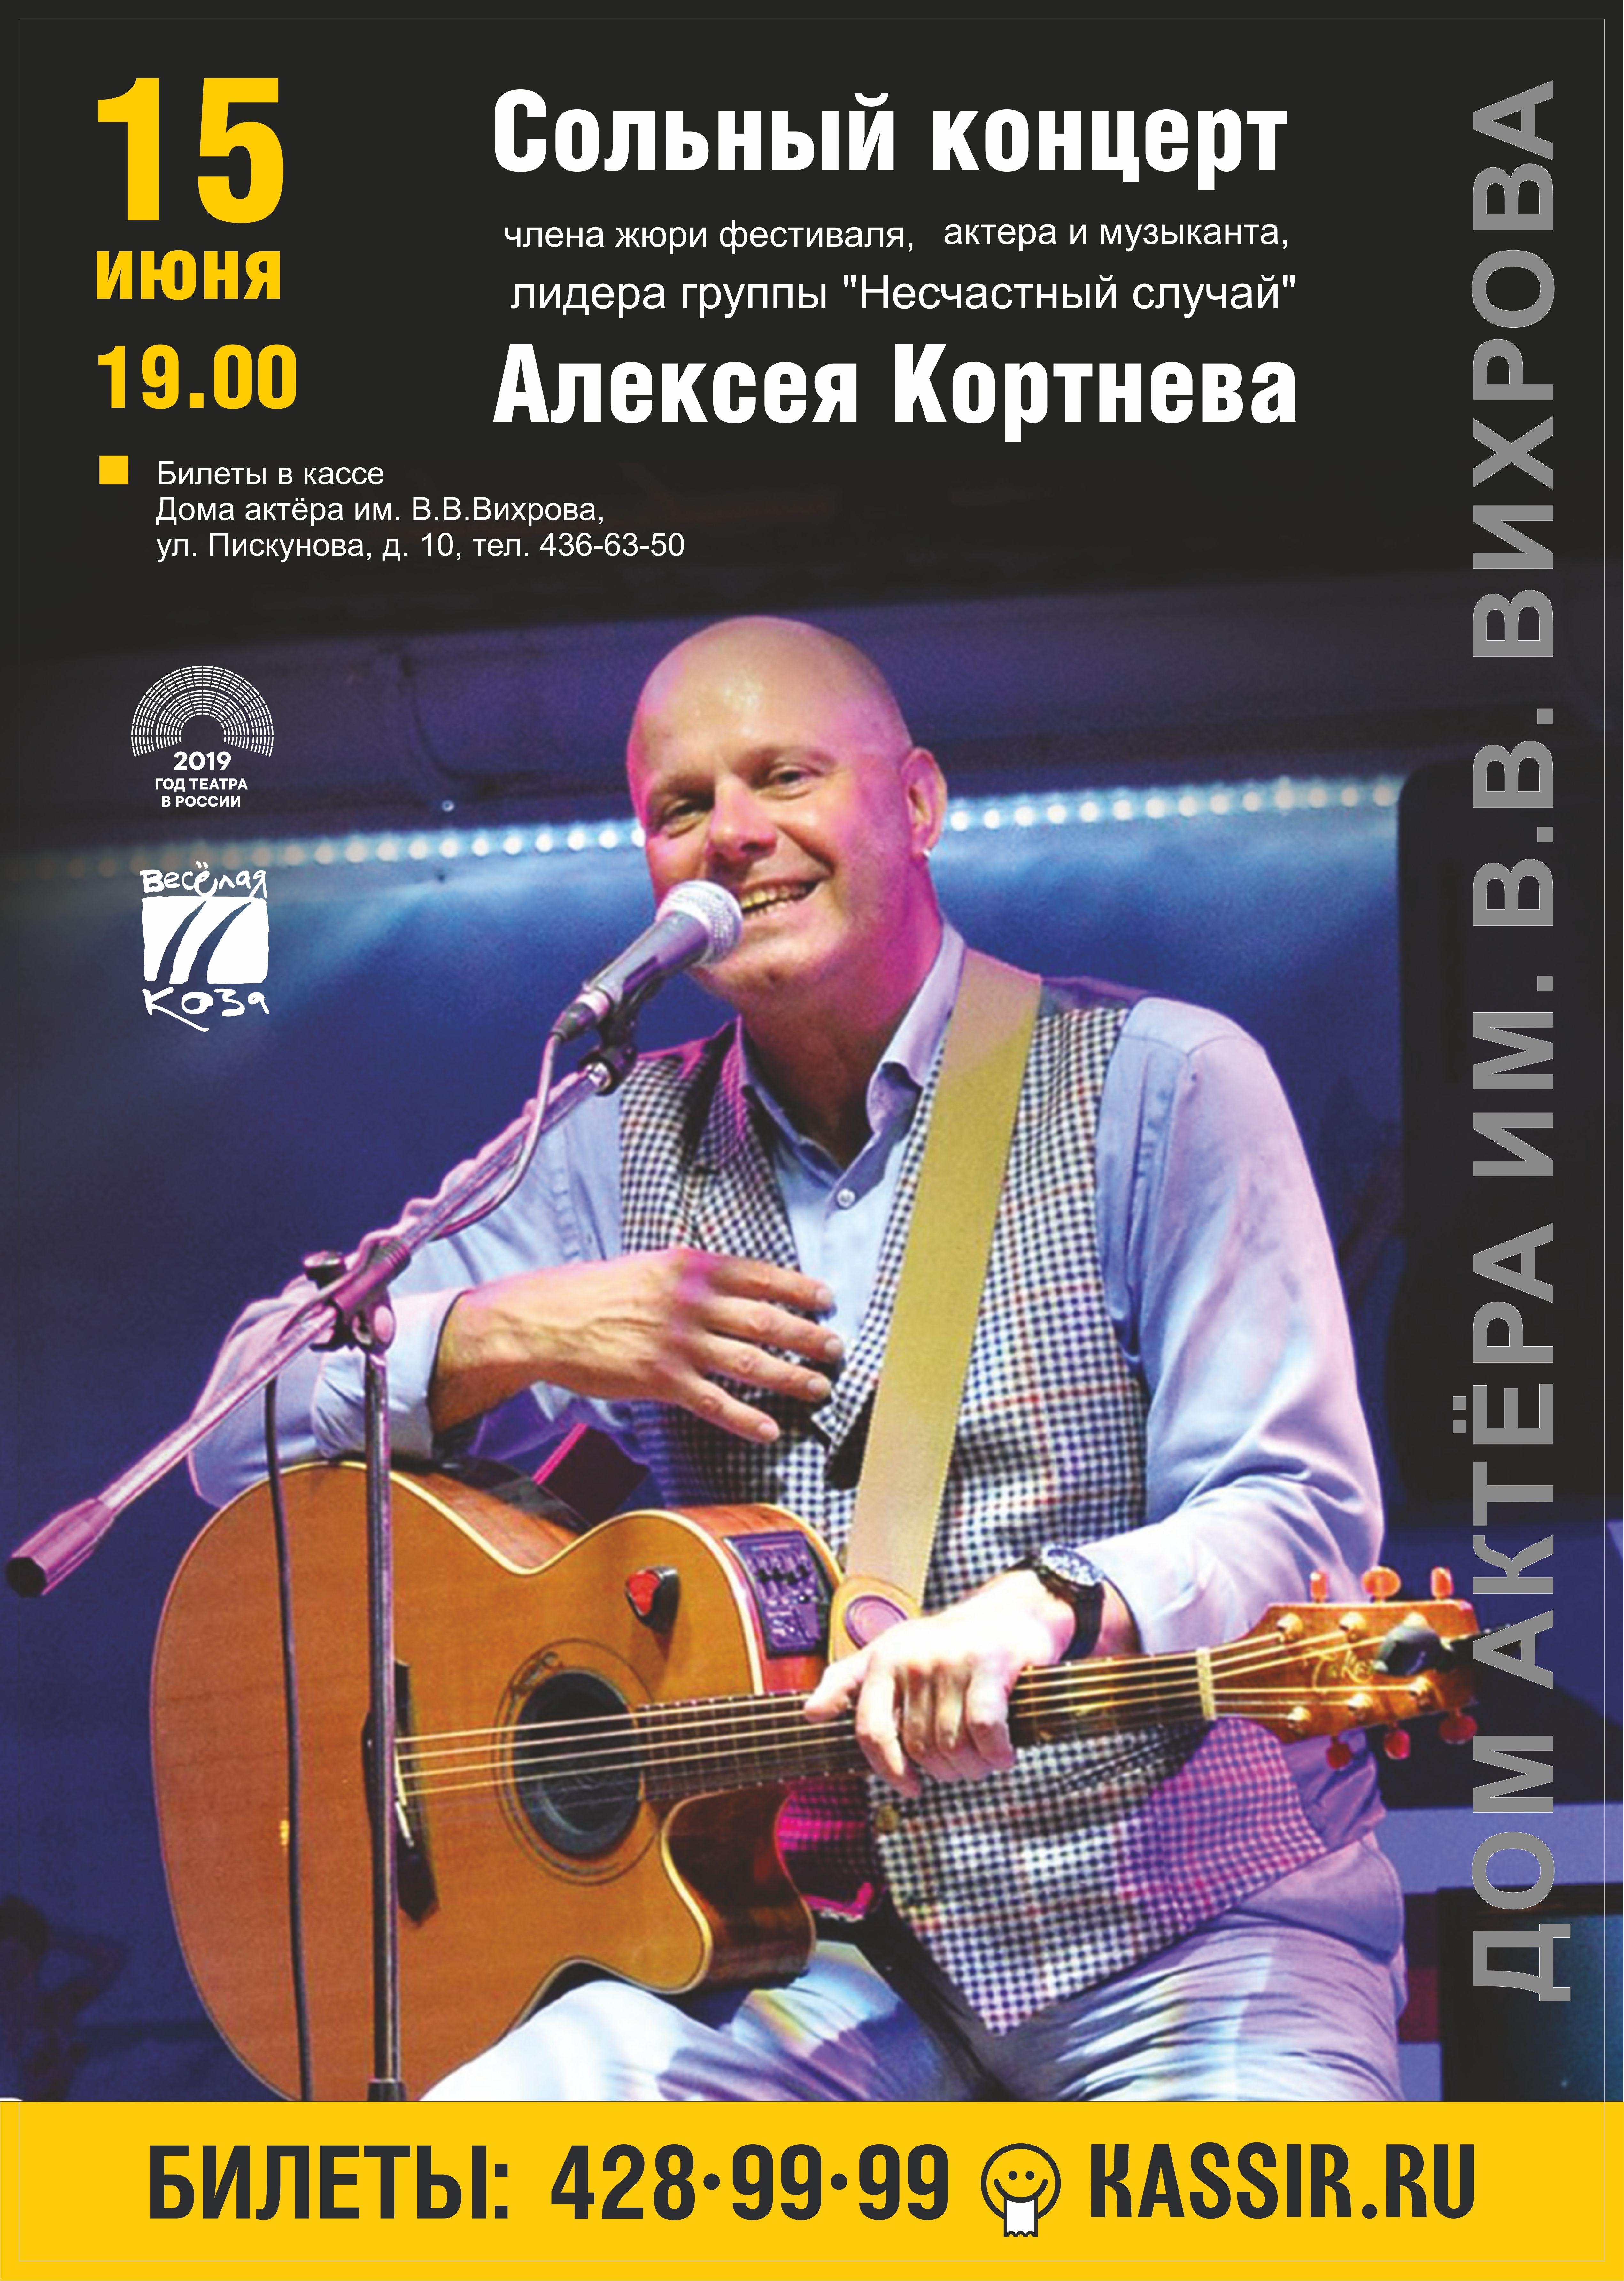 Сольный концерт А. Кортнева